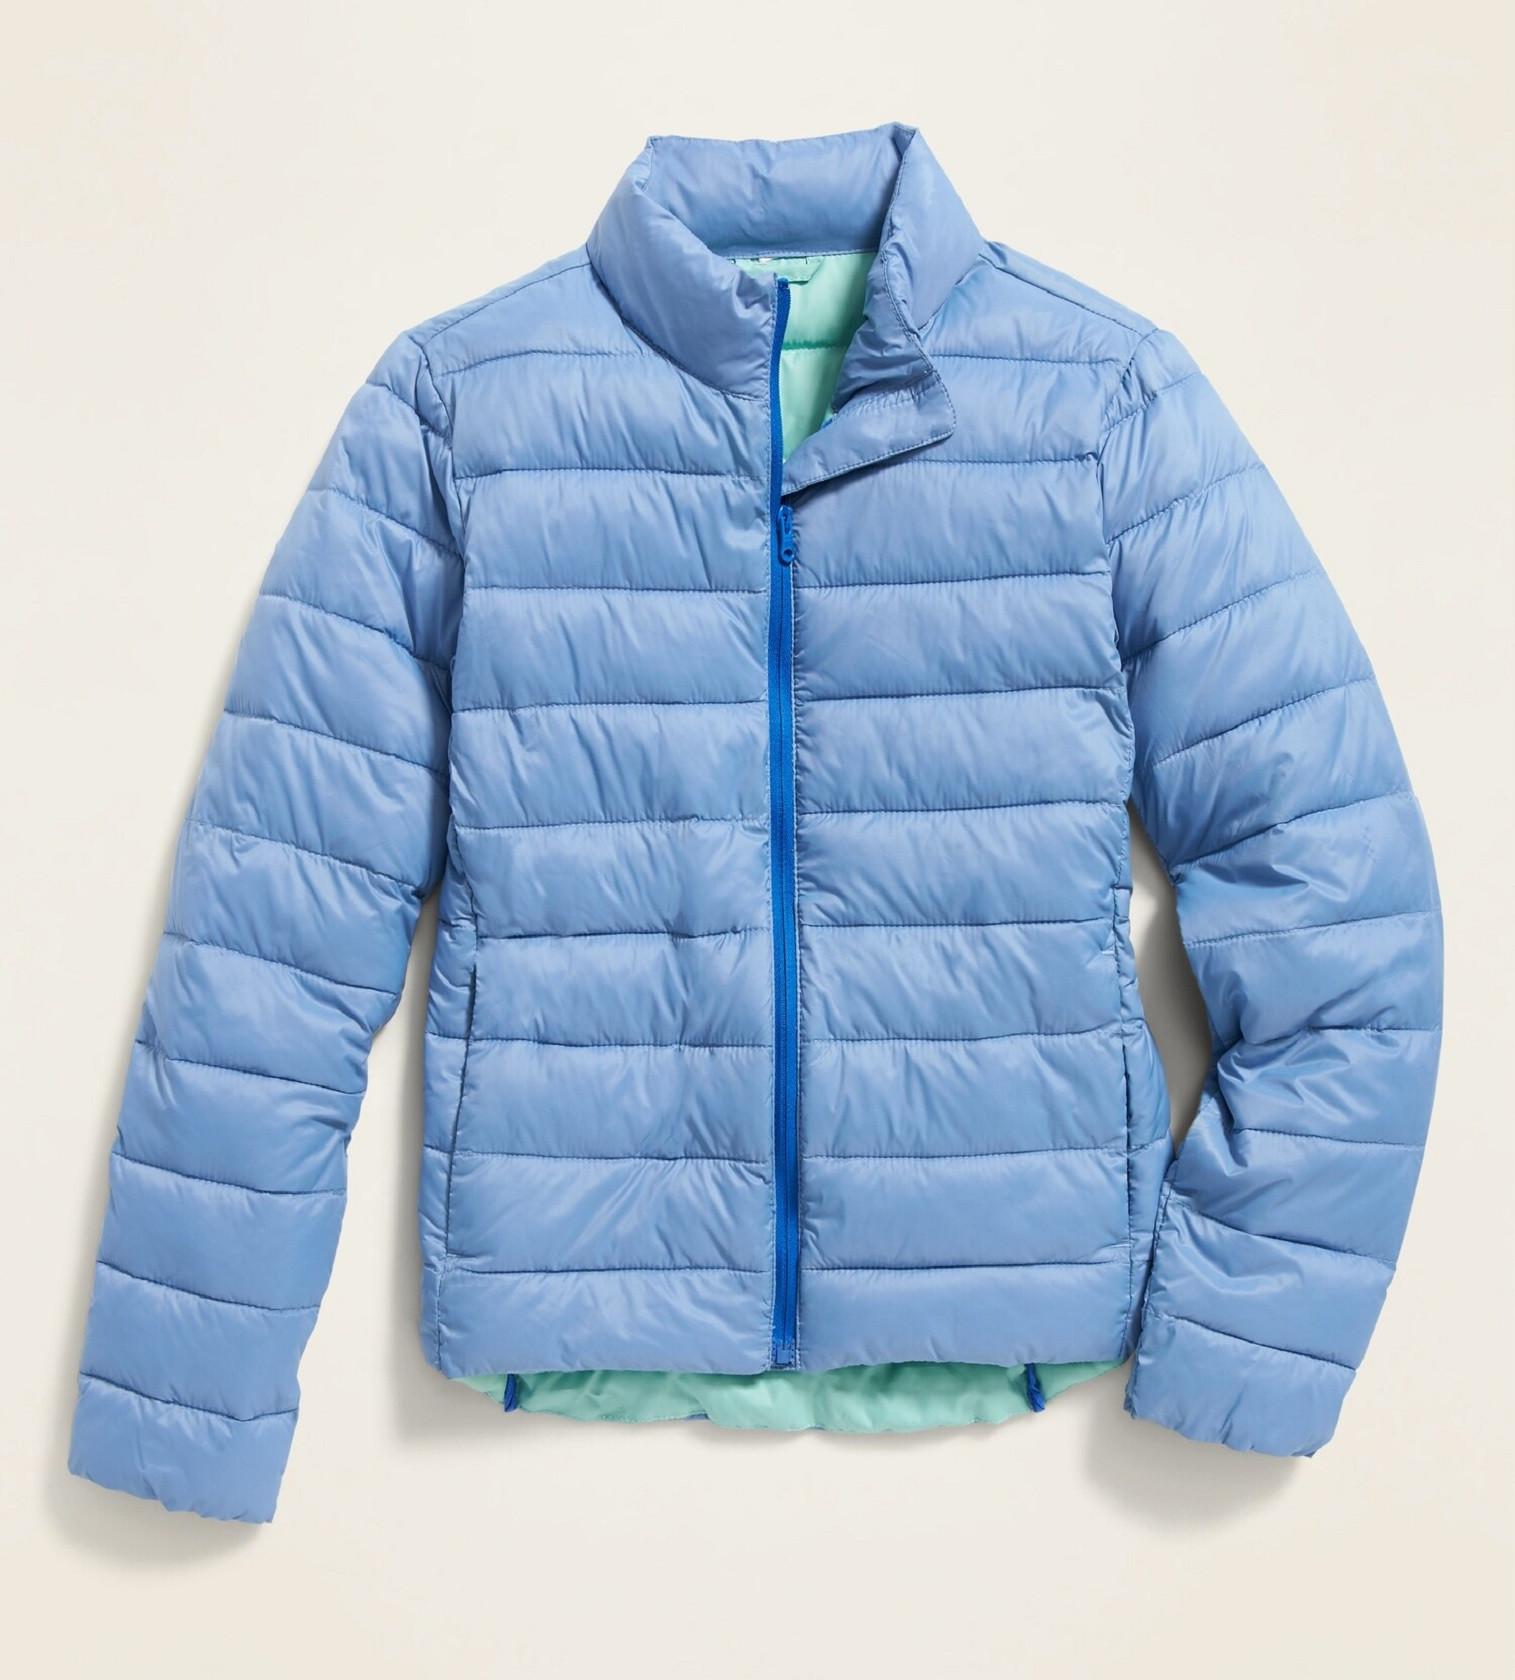 Купити Куртка Легка Old Navy Nylon Блакитна - фото 1